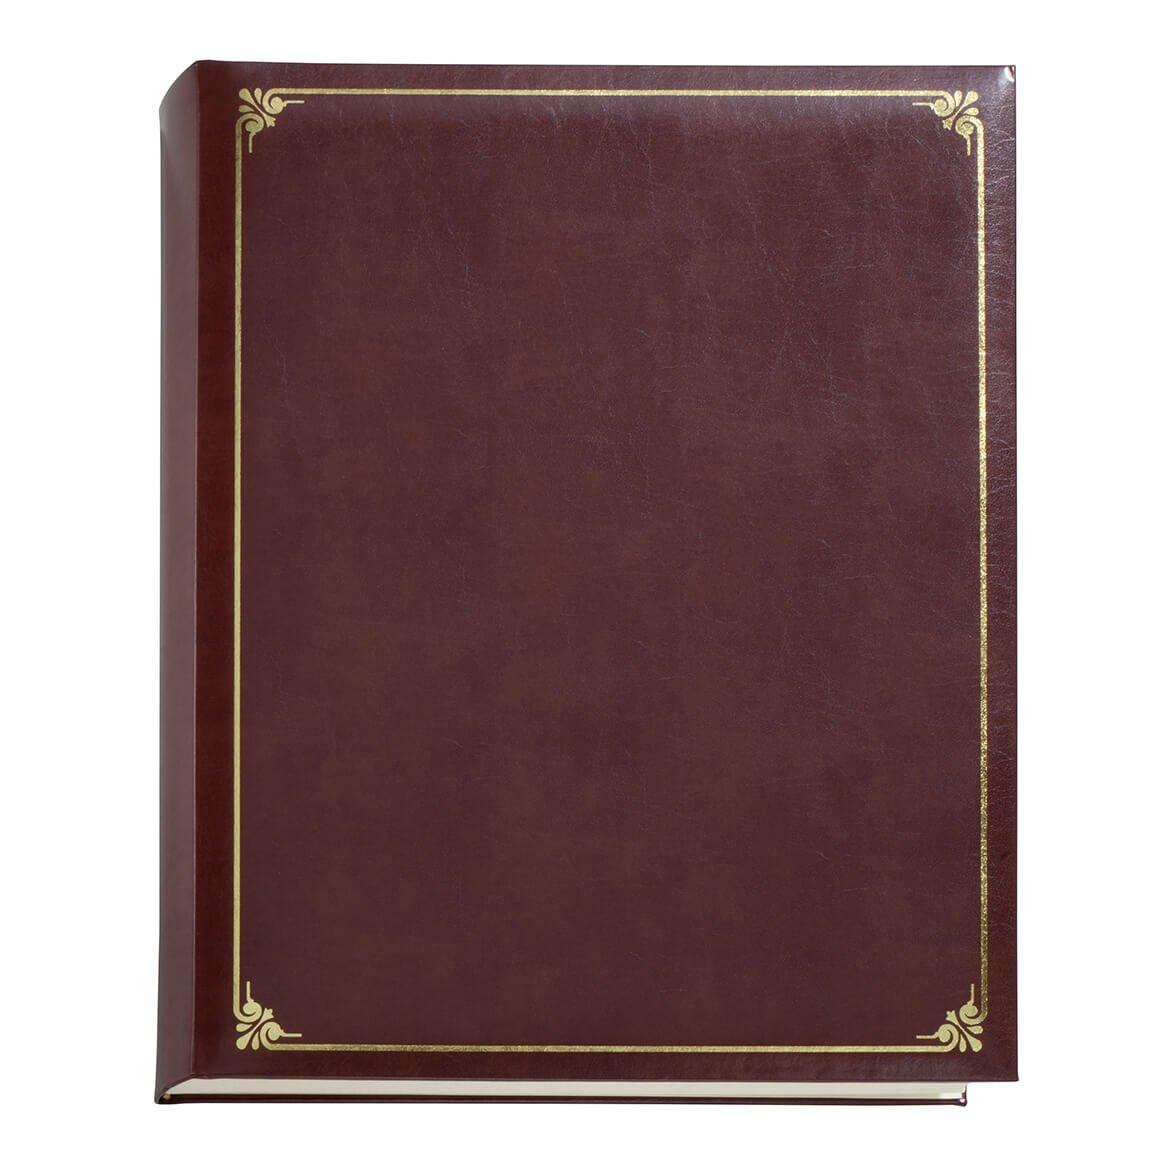 Leather Oversized Scrapbook